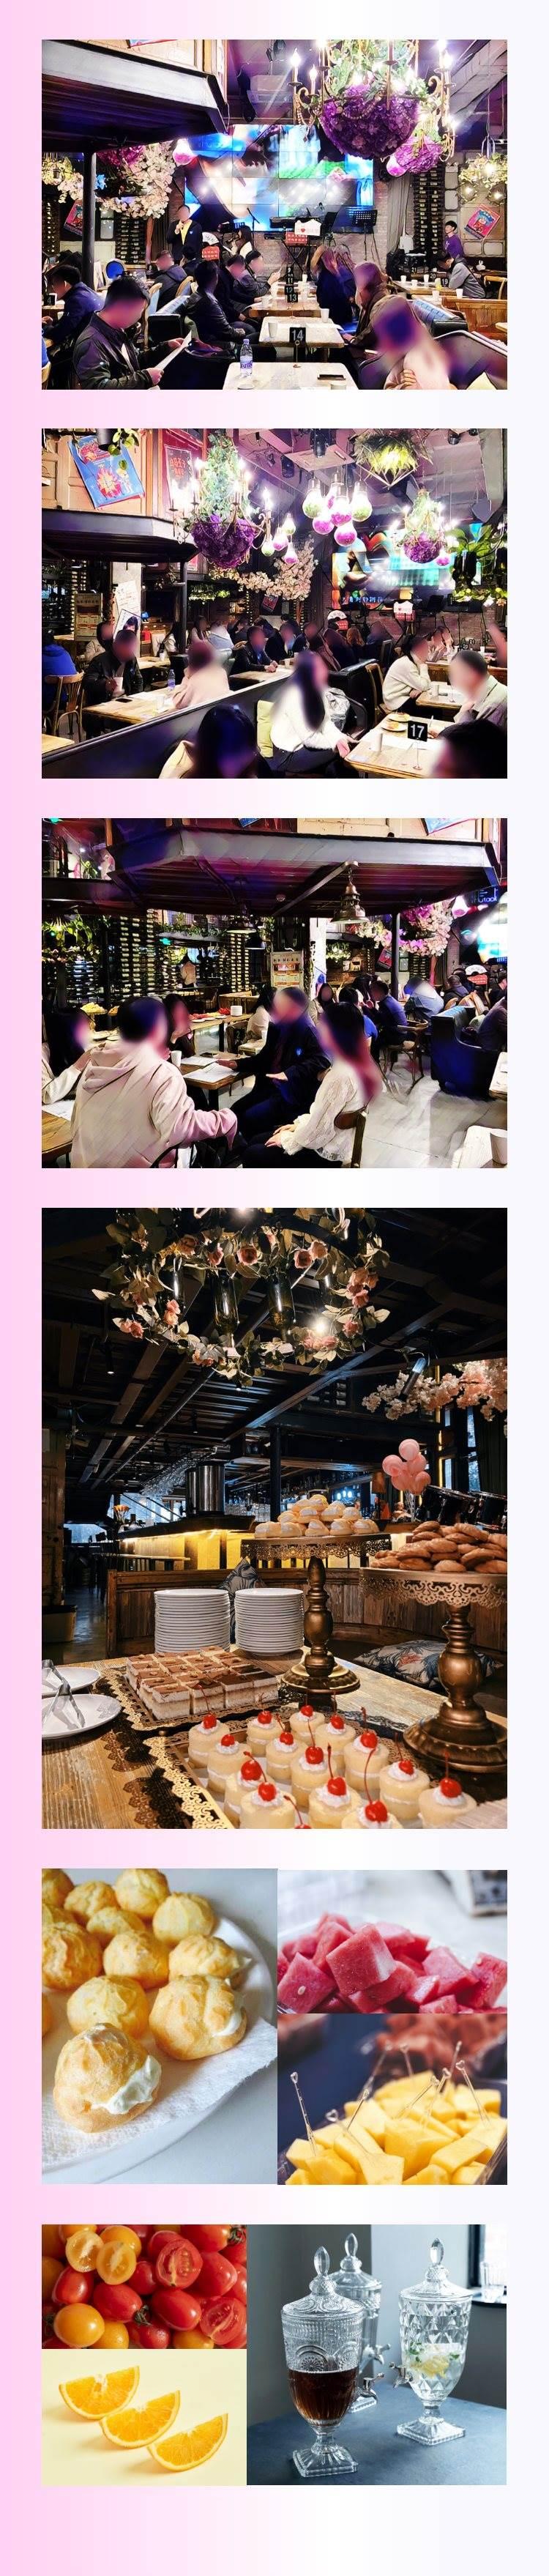 12.19_杭州-11.png